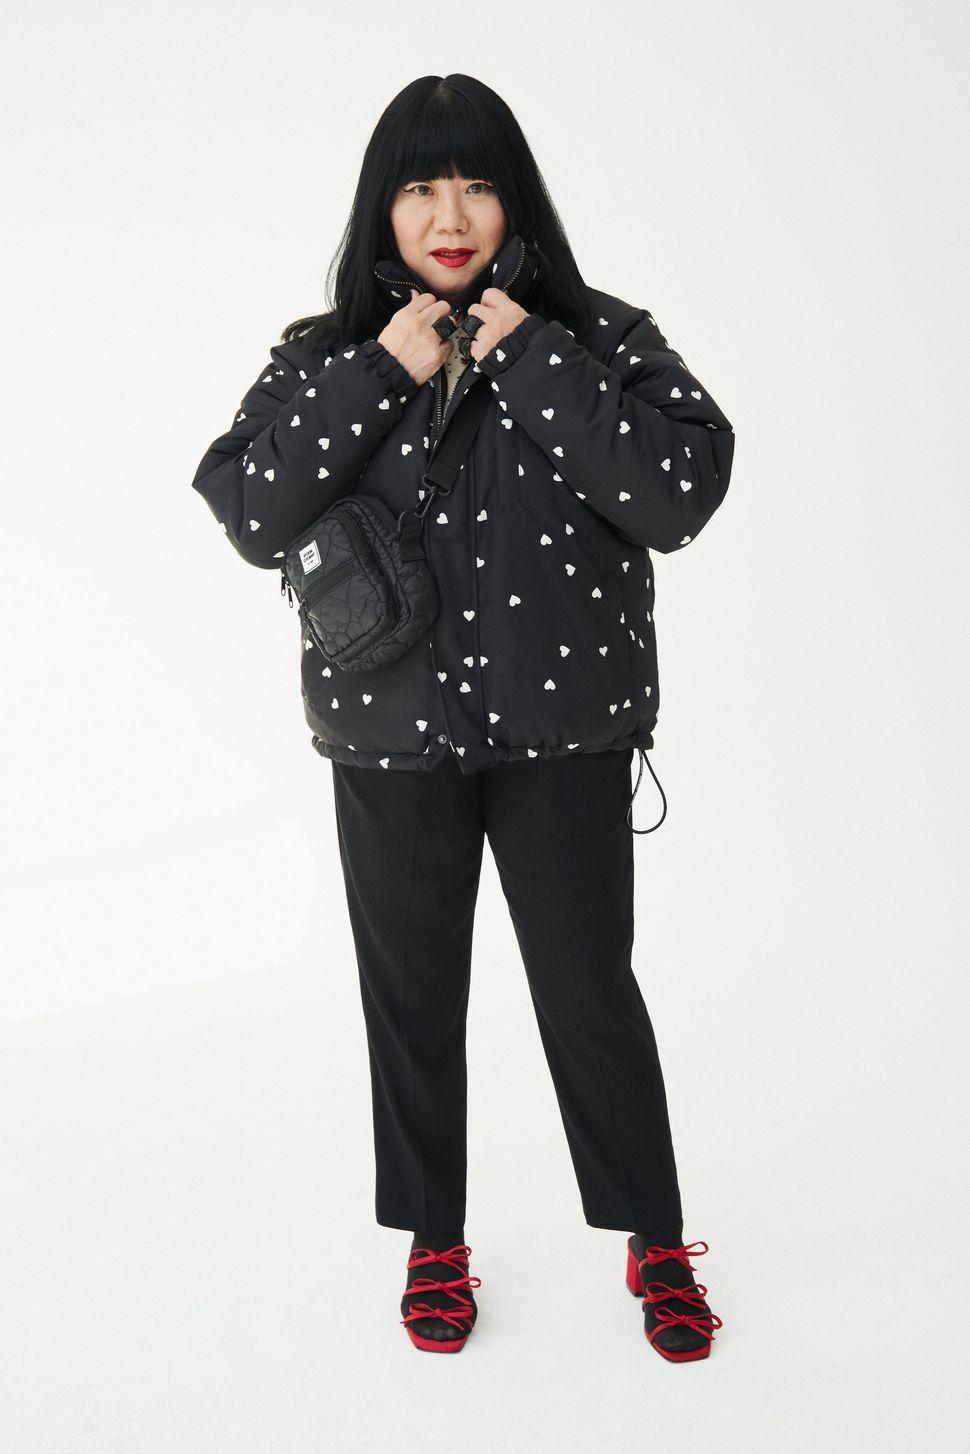 Anna Sui (fashion designer)